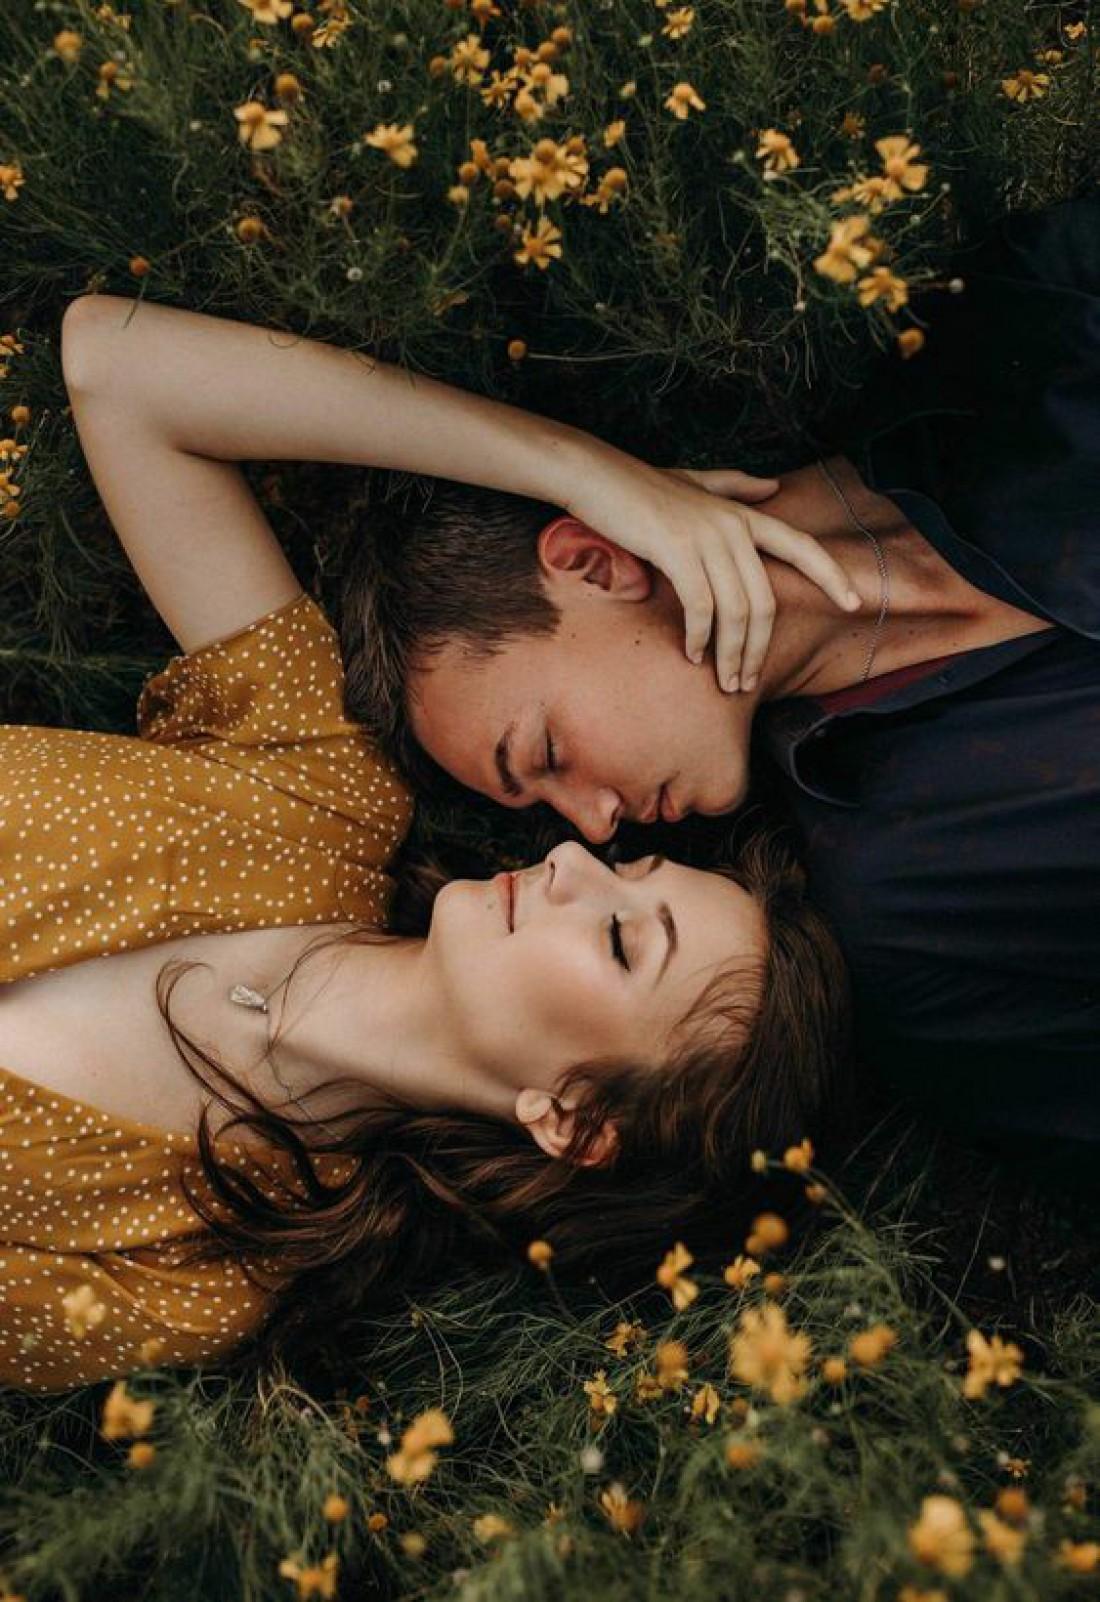 Обречены на одиночество: 5 типов людей, не созданных для отношений